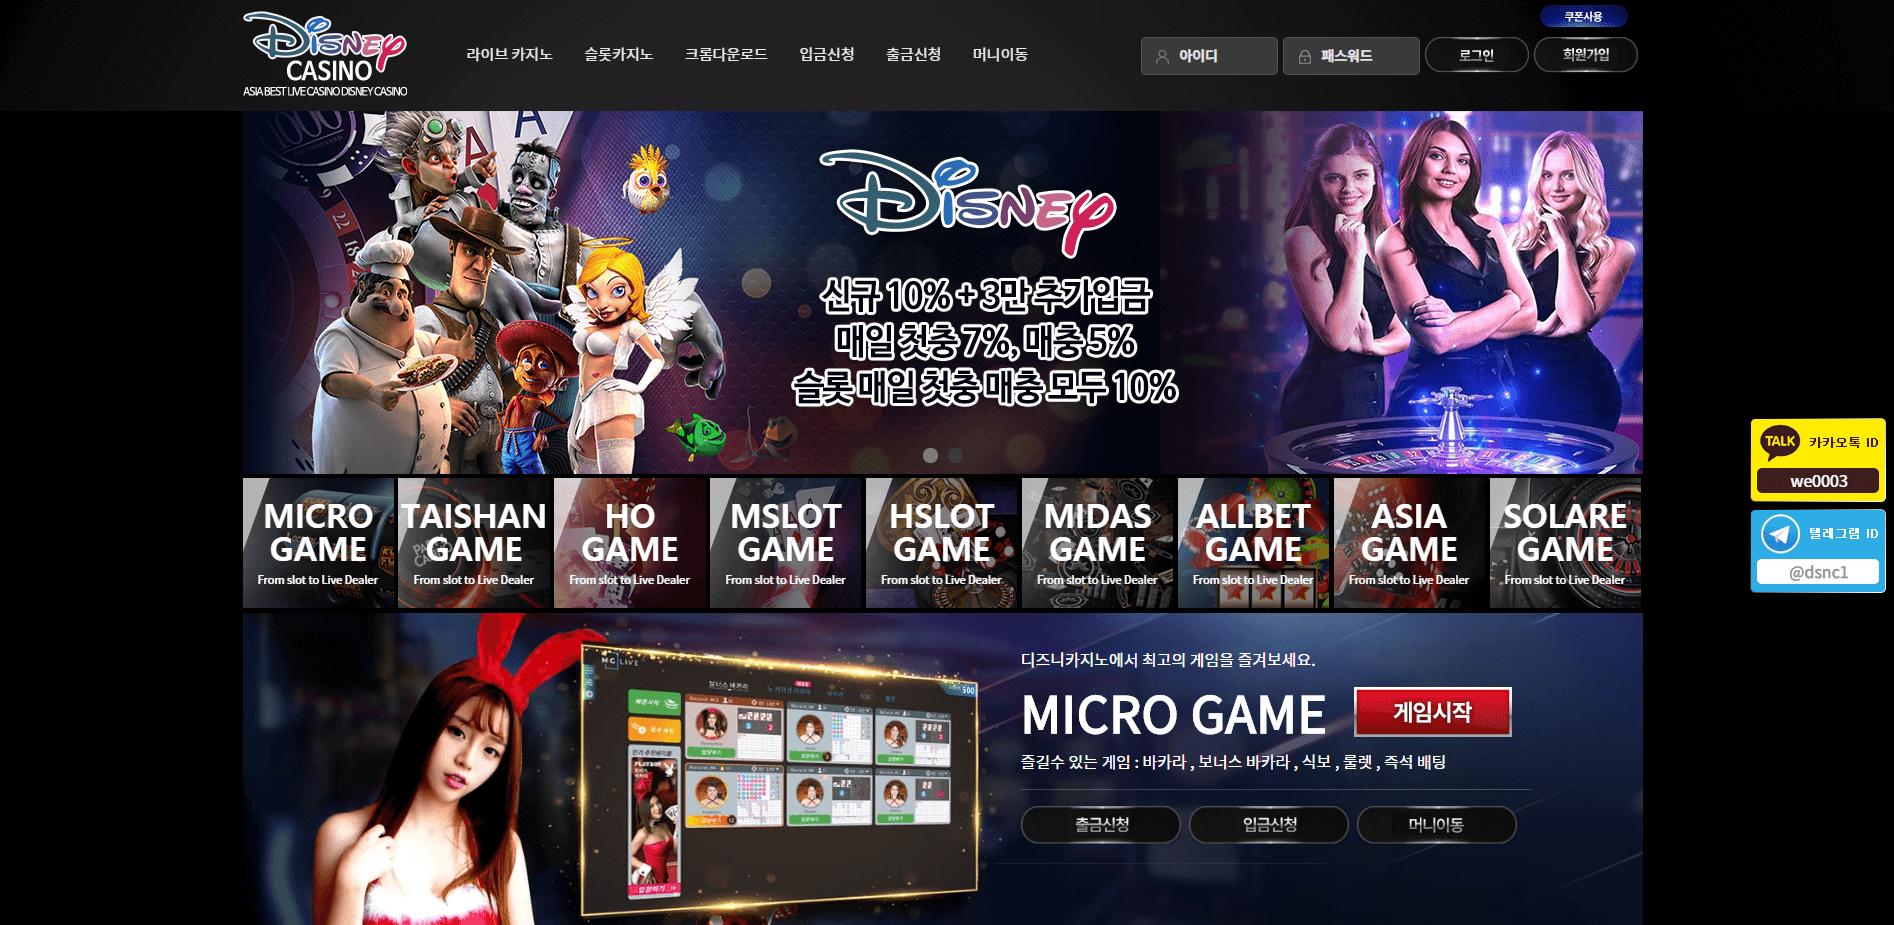 [먹튀사이트]디즈니카지노먹튀 Disney Casino먹튀 카지노먹튀 먹튀검증커뮤니티